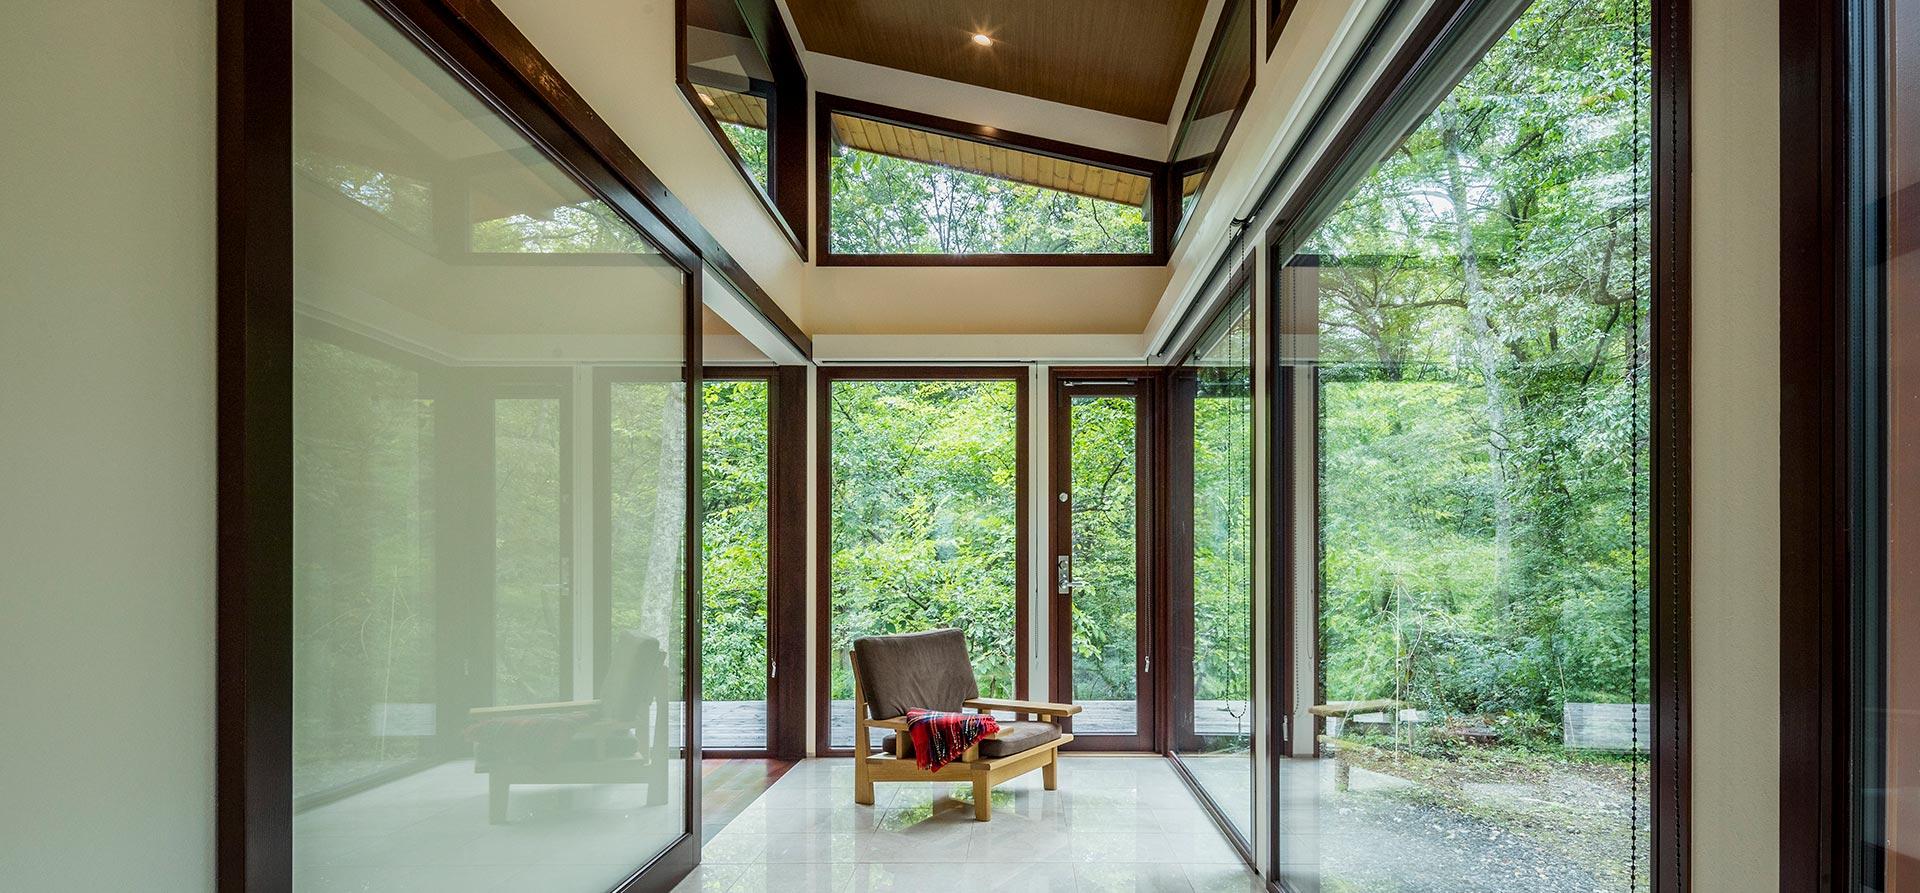 ガラスで覆われたサンルーム。リビングと隔てる室内ドアは、大きい一枚のガラス引き戸を設置